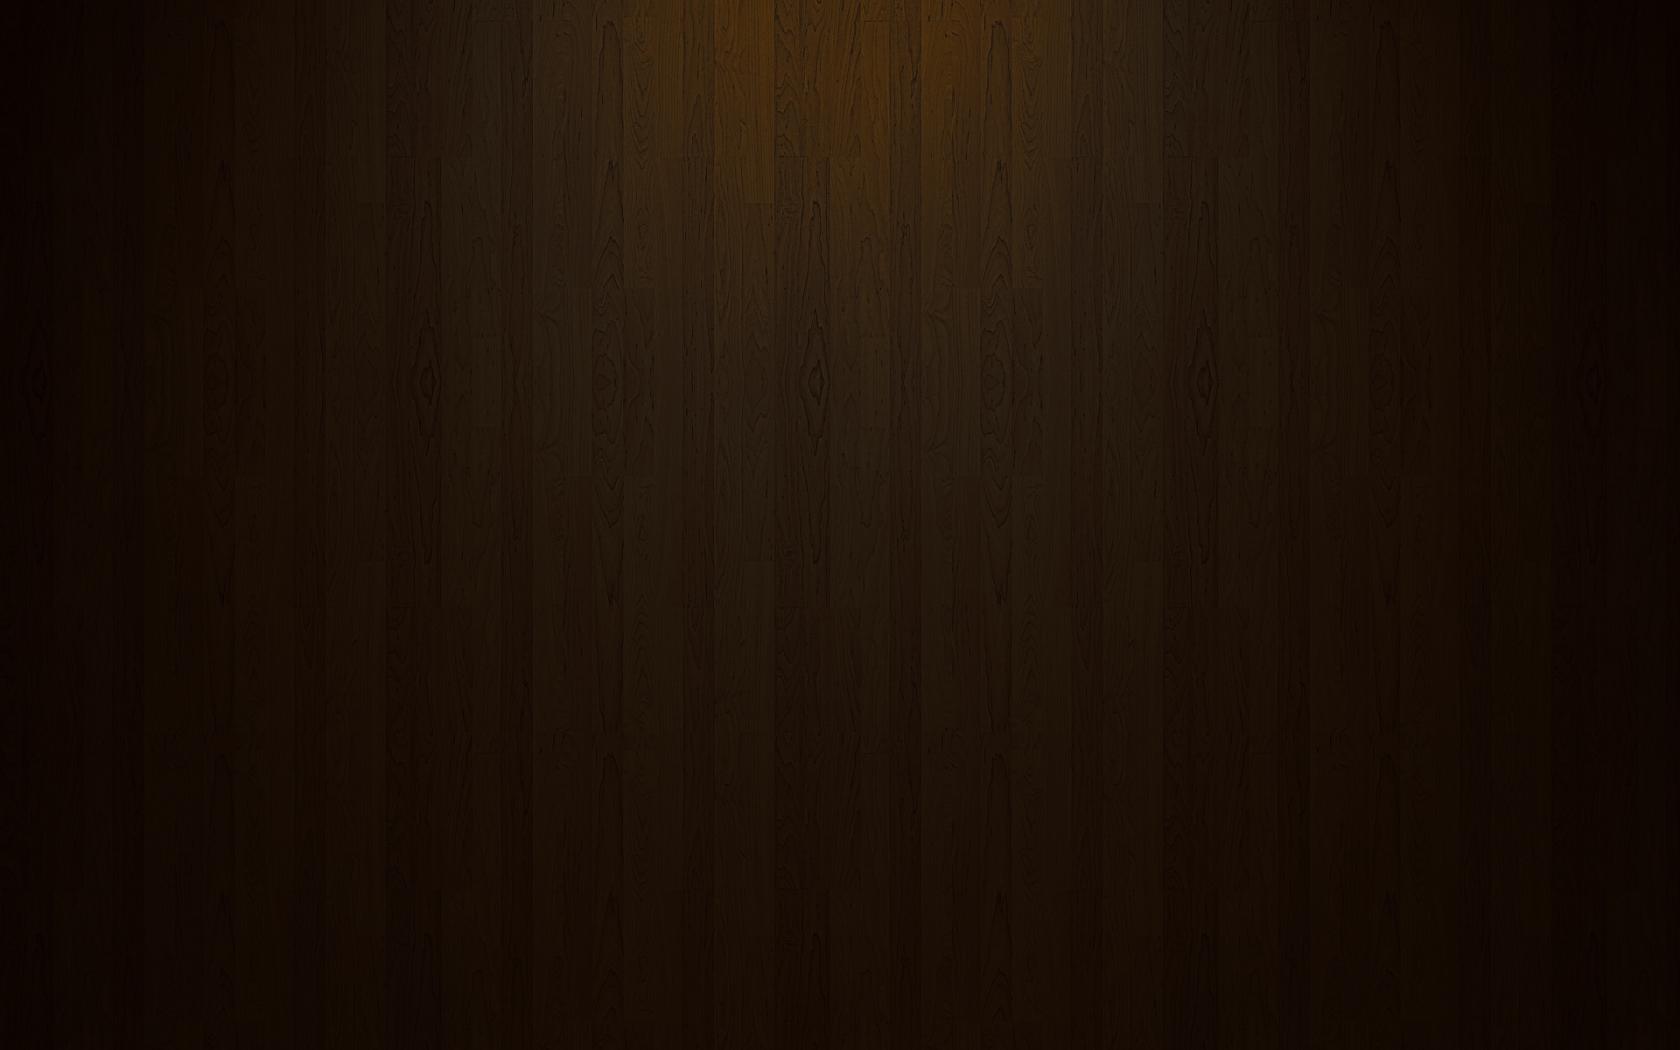 Dark woods wallpaper wallpapersafari - Dark wood wallpaper ...